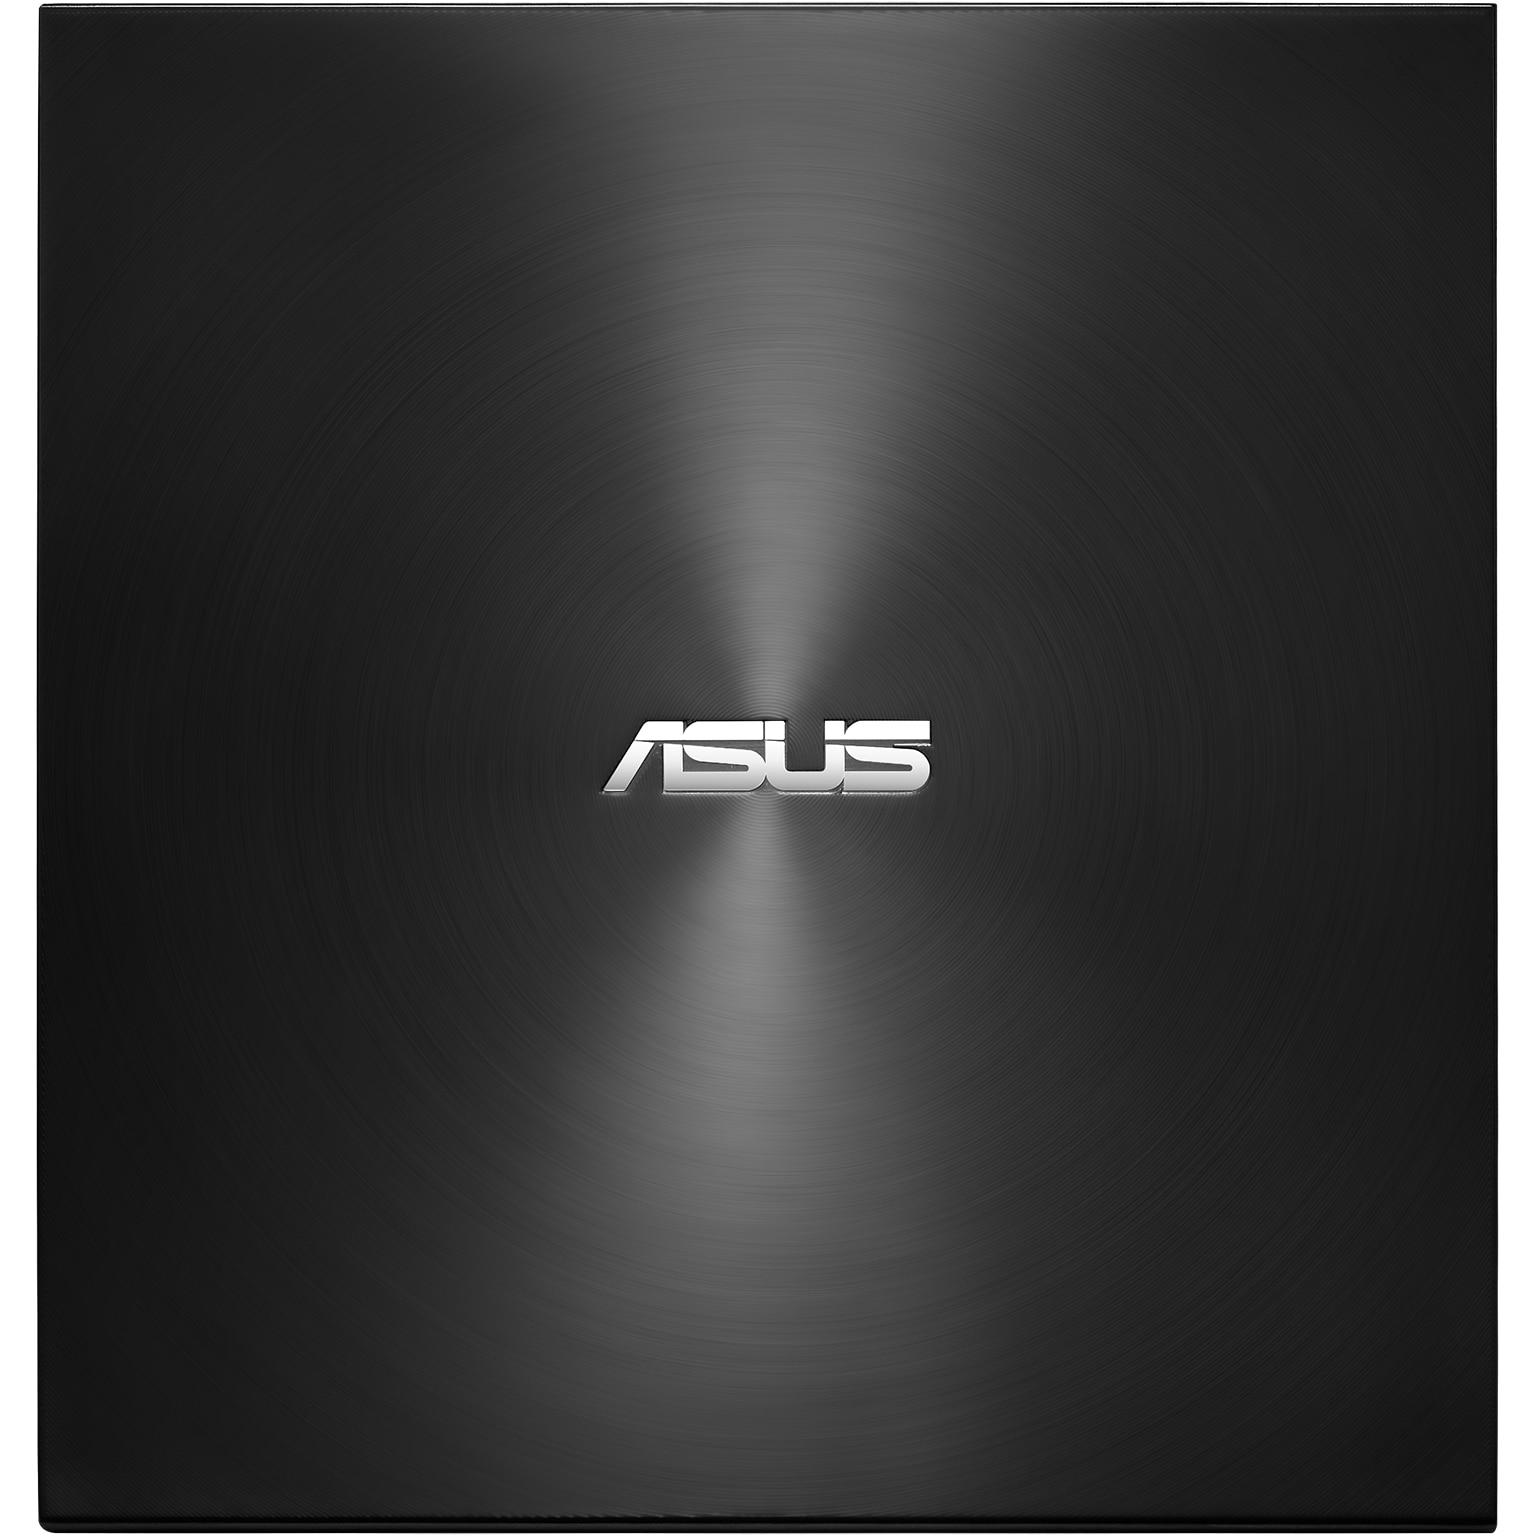 Fotografie DVD writer extern ASUS ZenDrive U7M, 8X, ultra-subtire 13.9mm , include 2 discuri DVD M-DISC de 4.7GB, compatibil cu Windows si Mac OS, ASUS Webstorage gratuit 12 luni, Nero BackItUp, E-Green, Negru